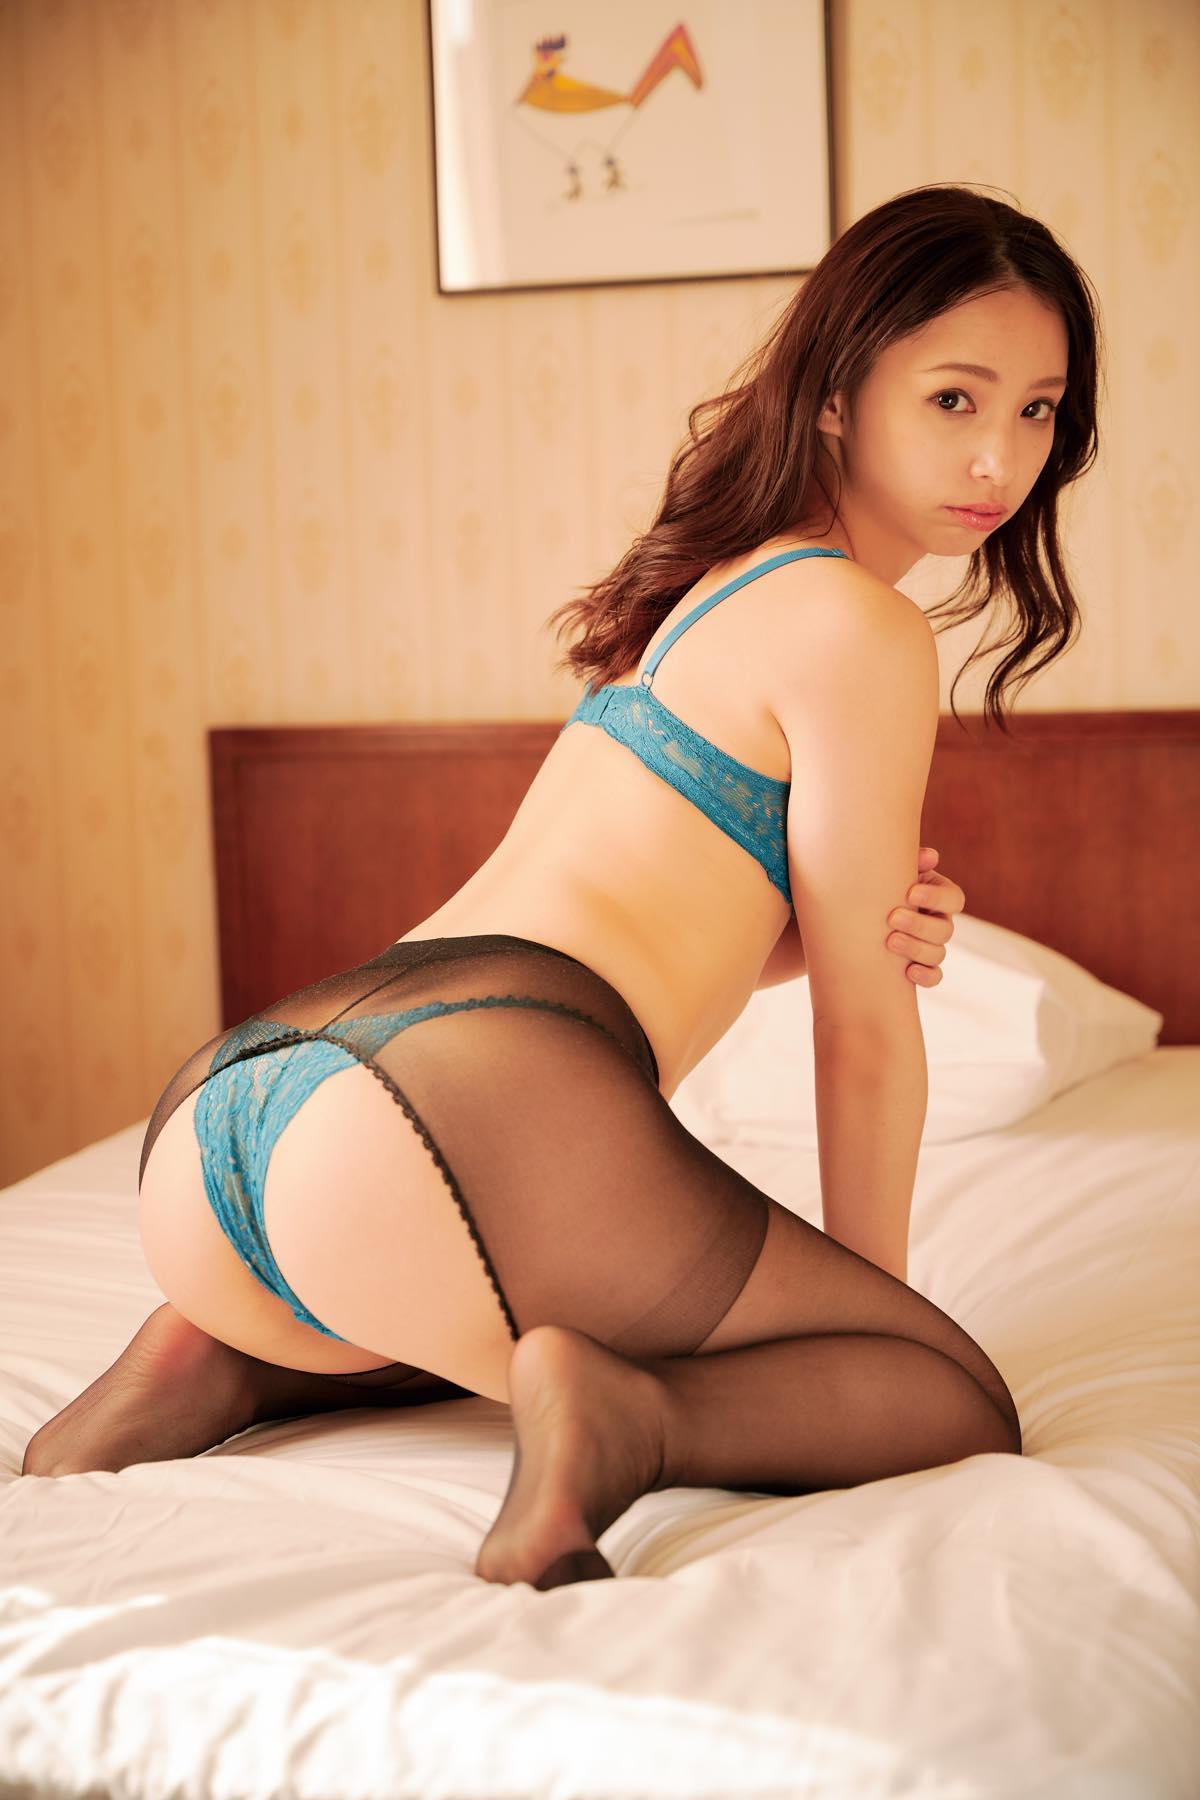 鶴巻星奈「えっちなお尻が魅力」くびれのカーブも絶品!【画像12枚】の画像011